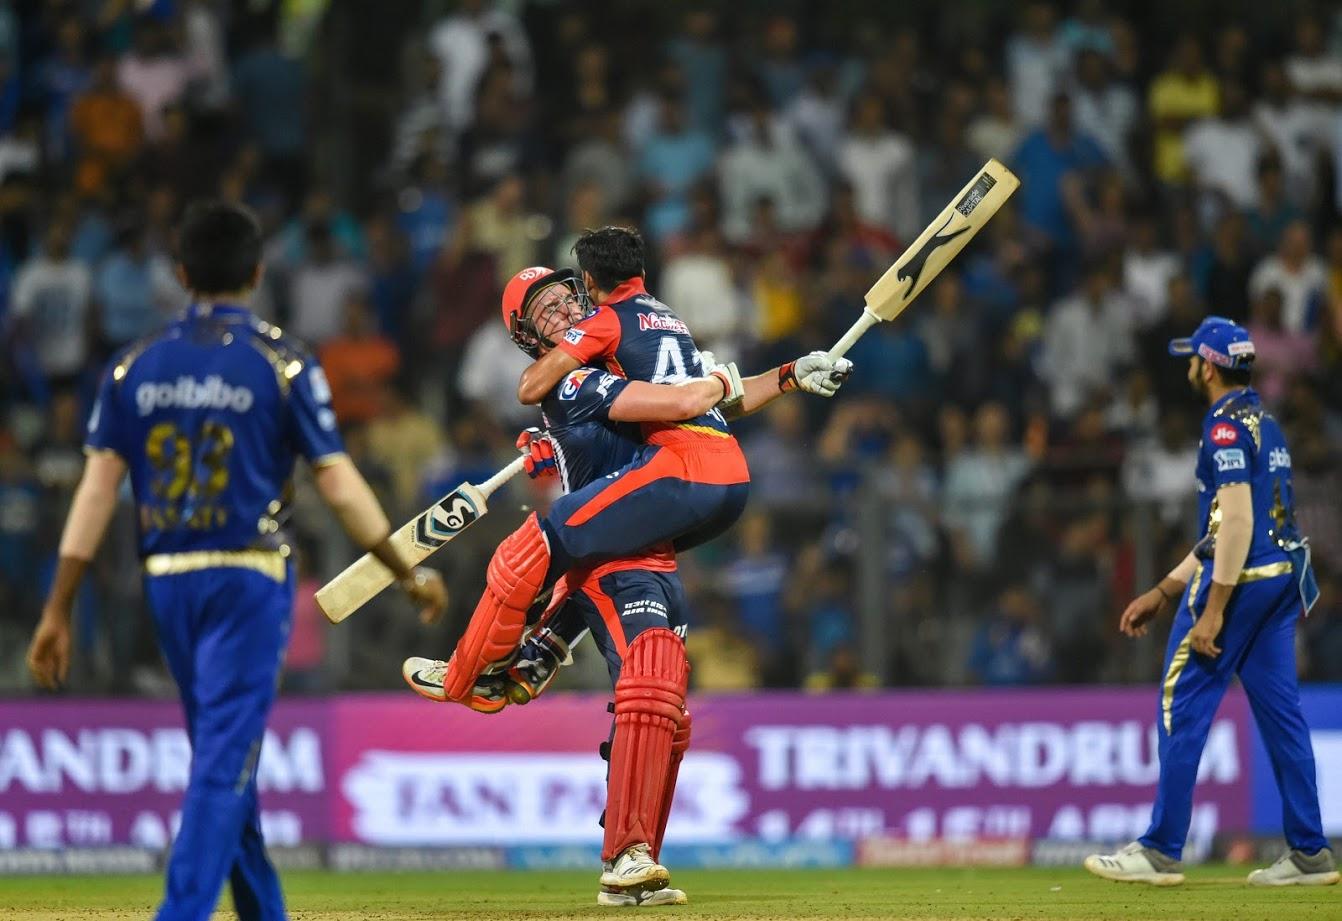 दिल्ली डेयरडेविल्स आईपीएल 12 में दिल्ली कैपिटल्स के नाम के साथ उतरेगी. हमेशा की तरह इस बार भी टीम मजबूत है, लेकिन वह खिताब जीतेगी या नहीं यह तो वक्त ही बताएगा. वैसे पिछले साल कुछ मैचों में टीम के खराब प्रदर्शन के बाद गंभीर ने कप्तानी छोड़ दी थी और टीम ने श्रेयस अय्यर के नेतृत्व में कुछ मैचों में चौंकाने वाला प्रदर्शन कर सबको हैरान कर दिया था.